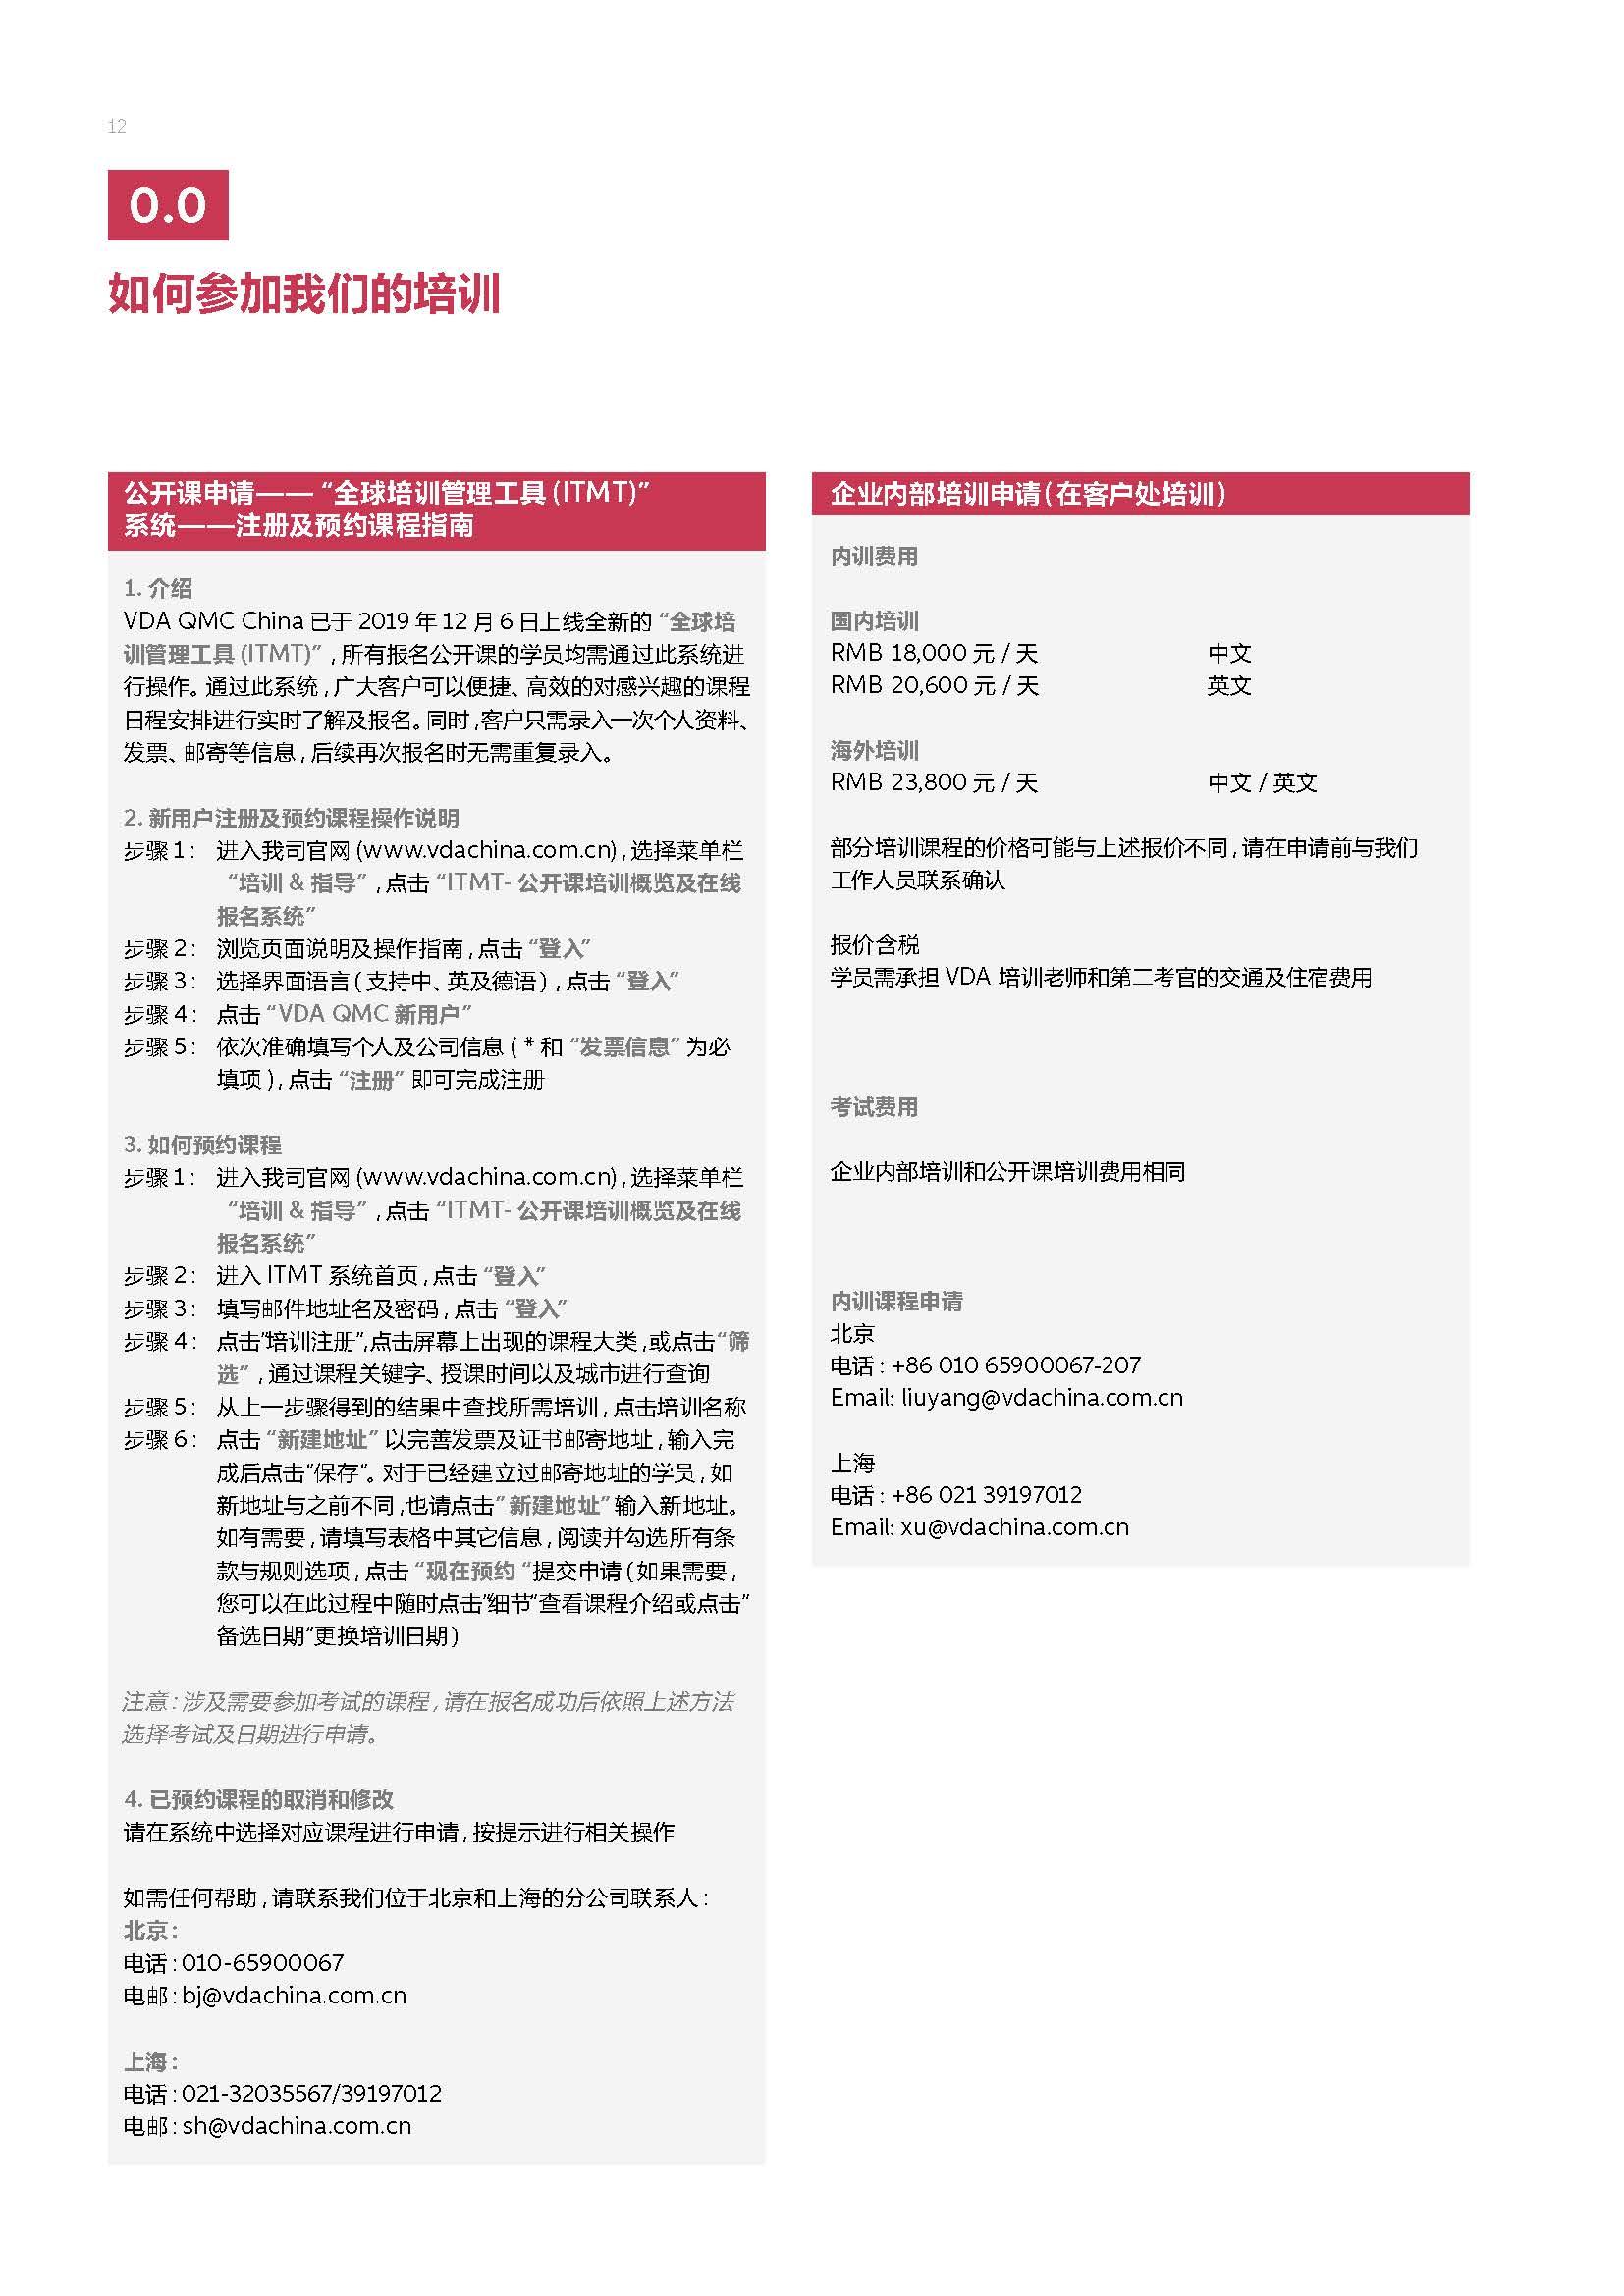 页面提取自-2945a9e1a4fa75dc0adbe03e11403adf_页面_2.jpg